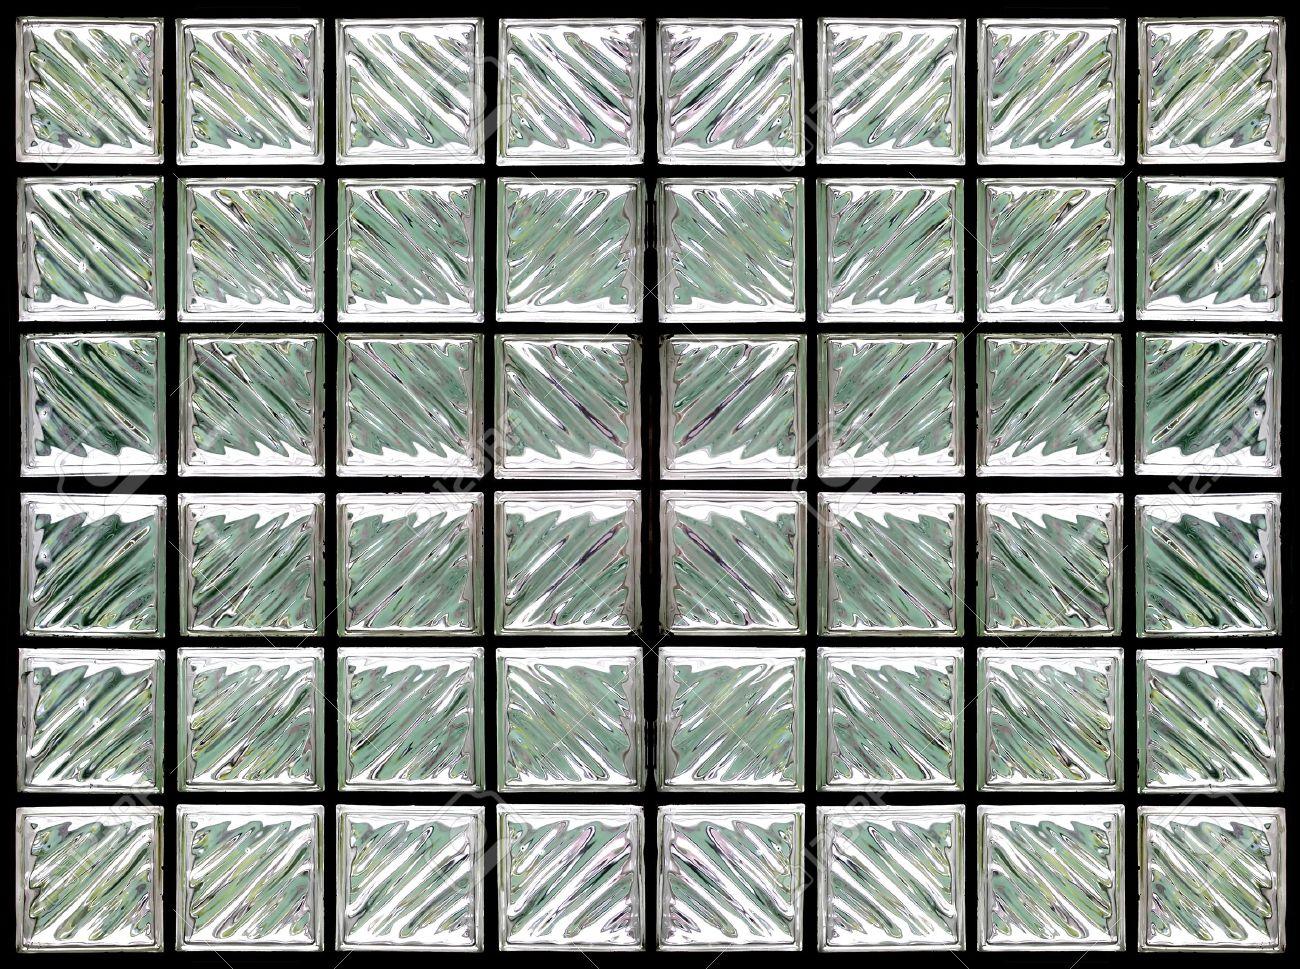 patrn de muro de bloques de vidrio foto de archivo